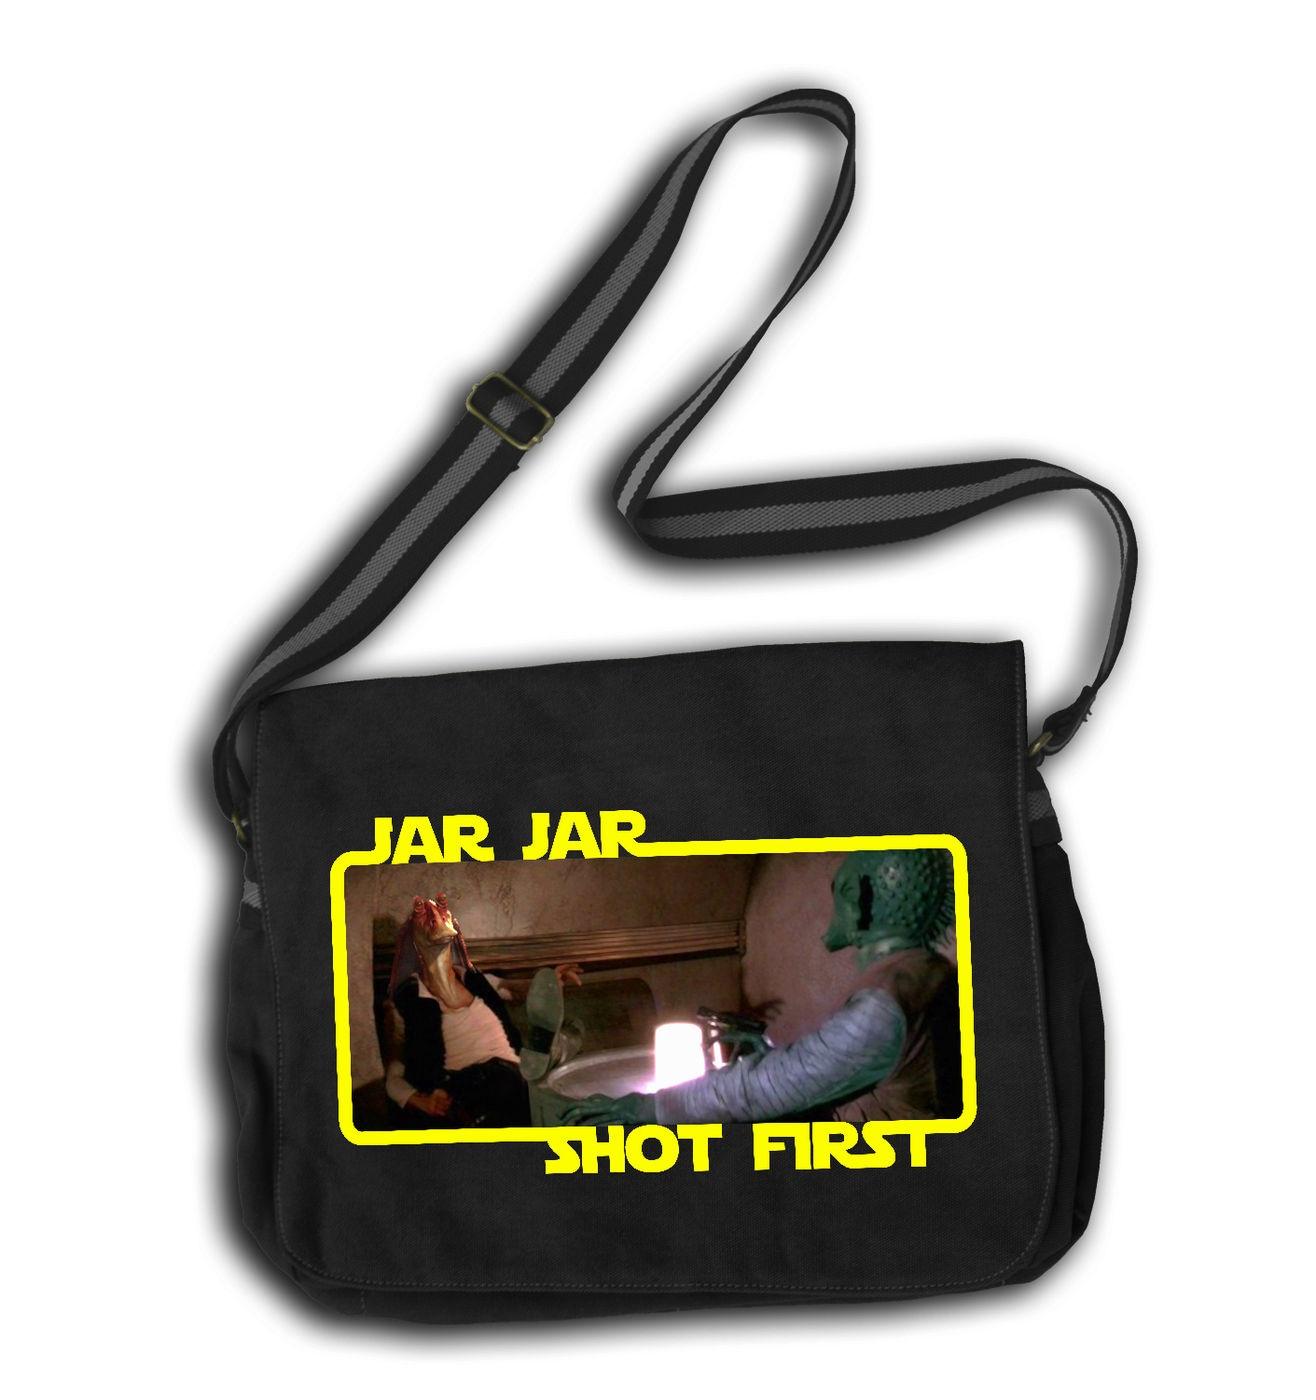 Jar Jar Shot First messenger bag - funny parody Star Wars bag